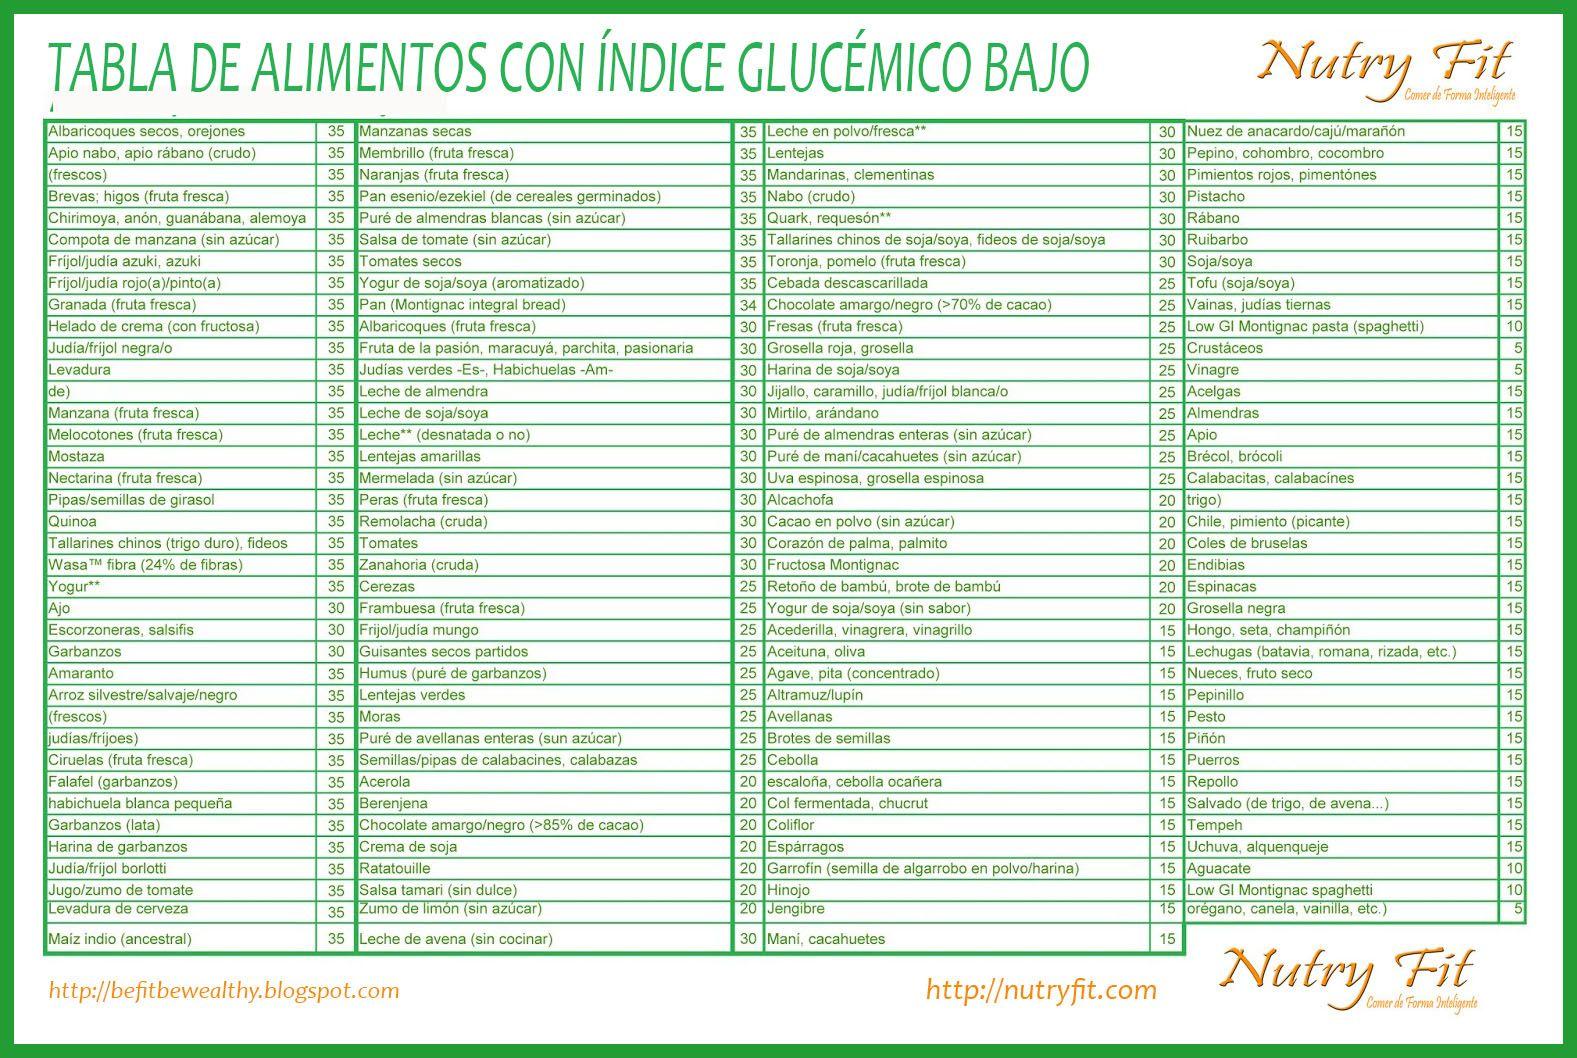 TABLA ALIMENTOS INDICE GLUCEMICO BAJO | diabetes